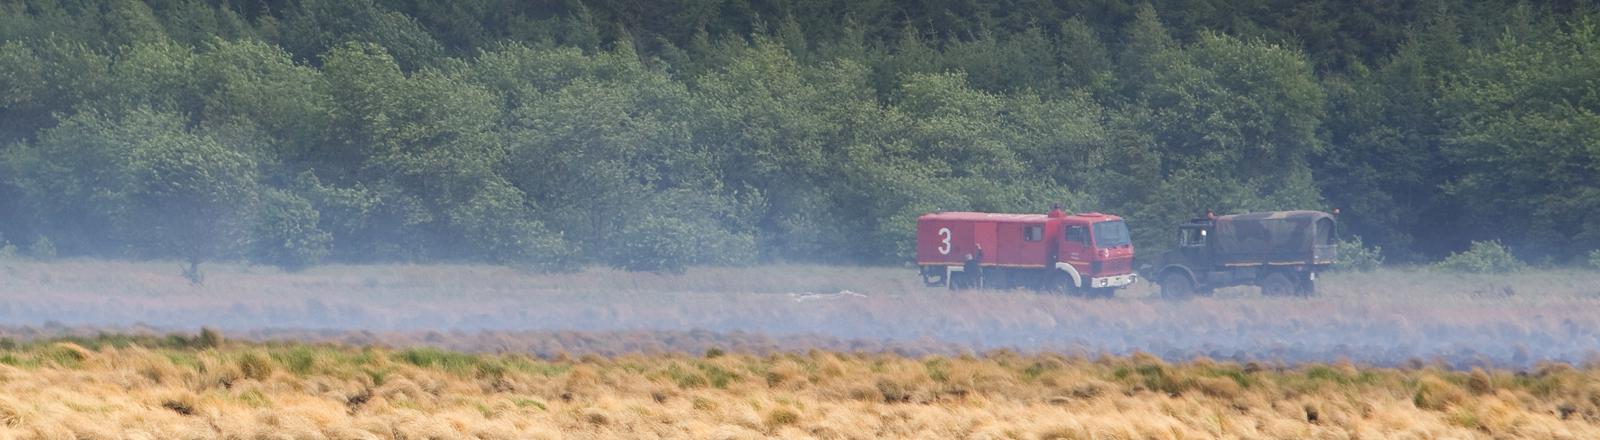 Ein Feuerwehrfahrzeug steht am Donnerstag (15.07.2010) in Meppen (Landkreis Emsland) hinter einem verkohlten Gelände der Wehrtechnischen Dienststelle.